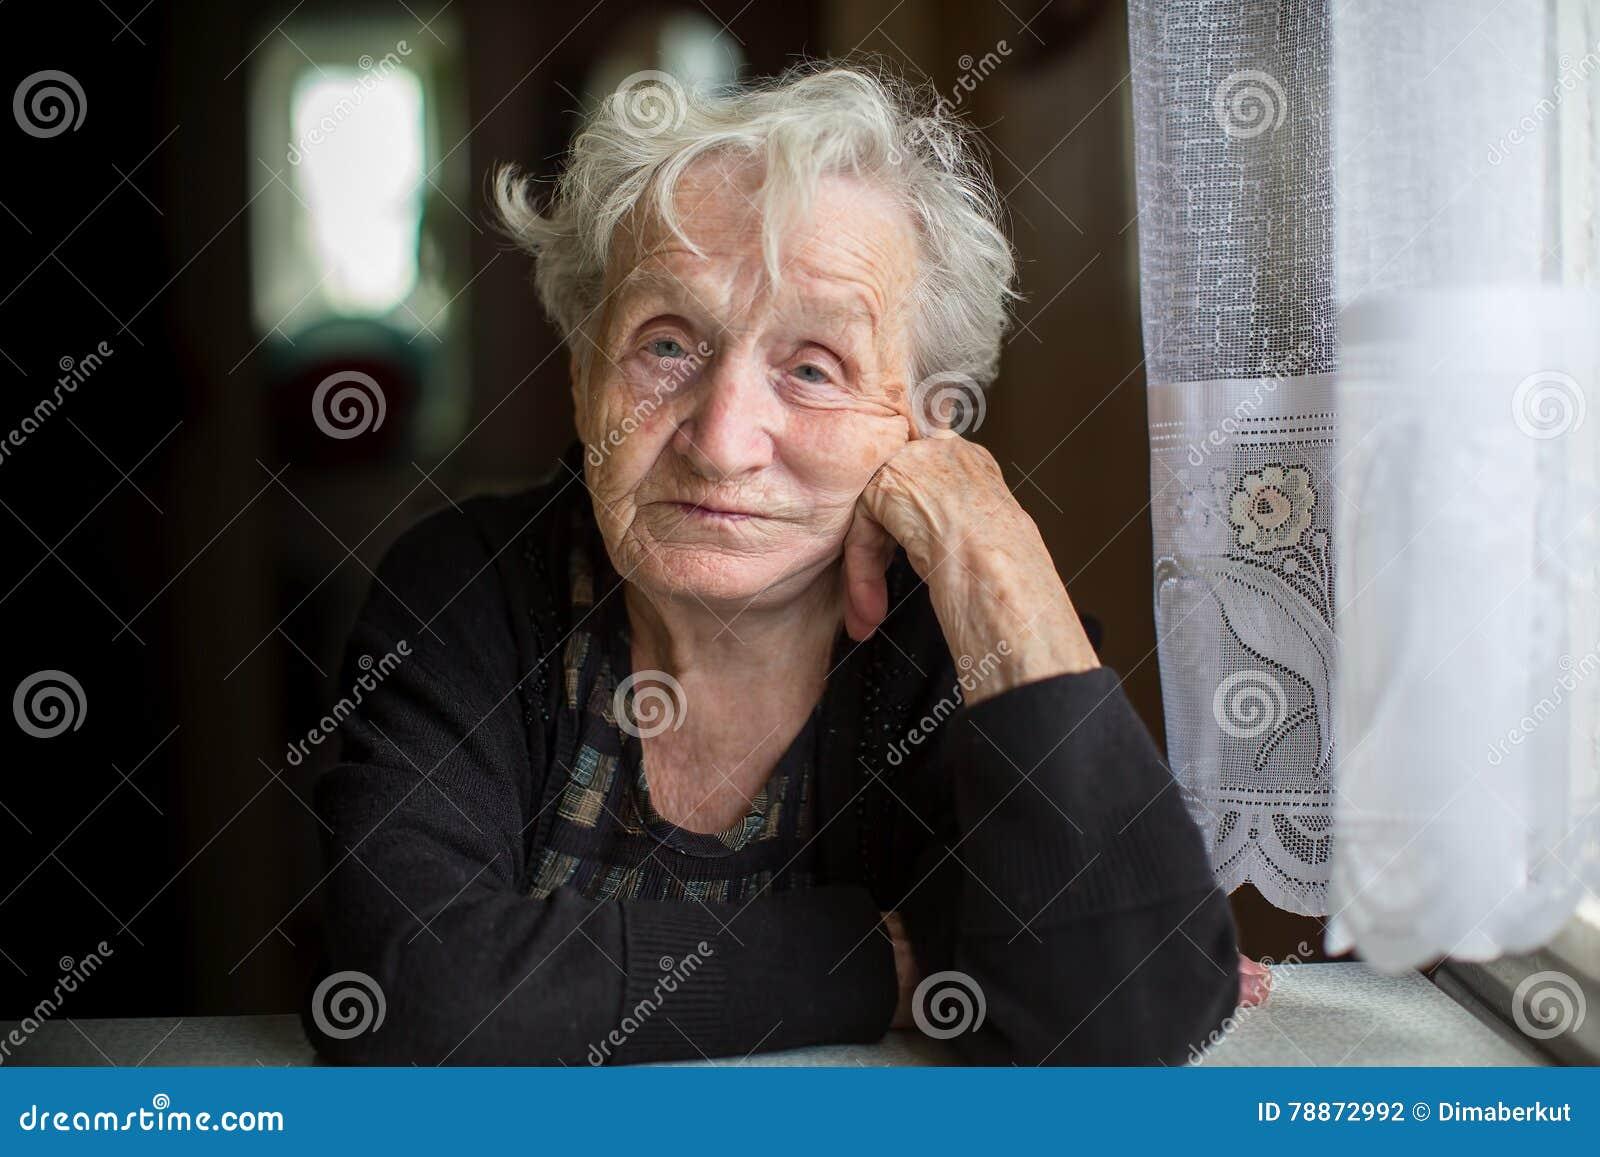 Äldrekontakt - hjälper äldre ur ensamhet